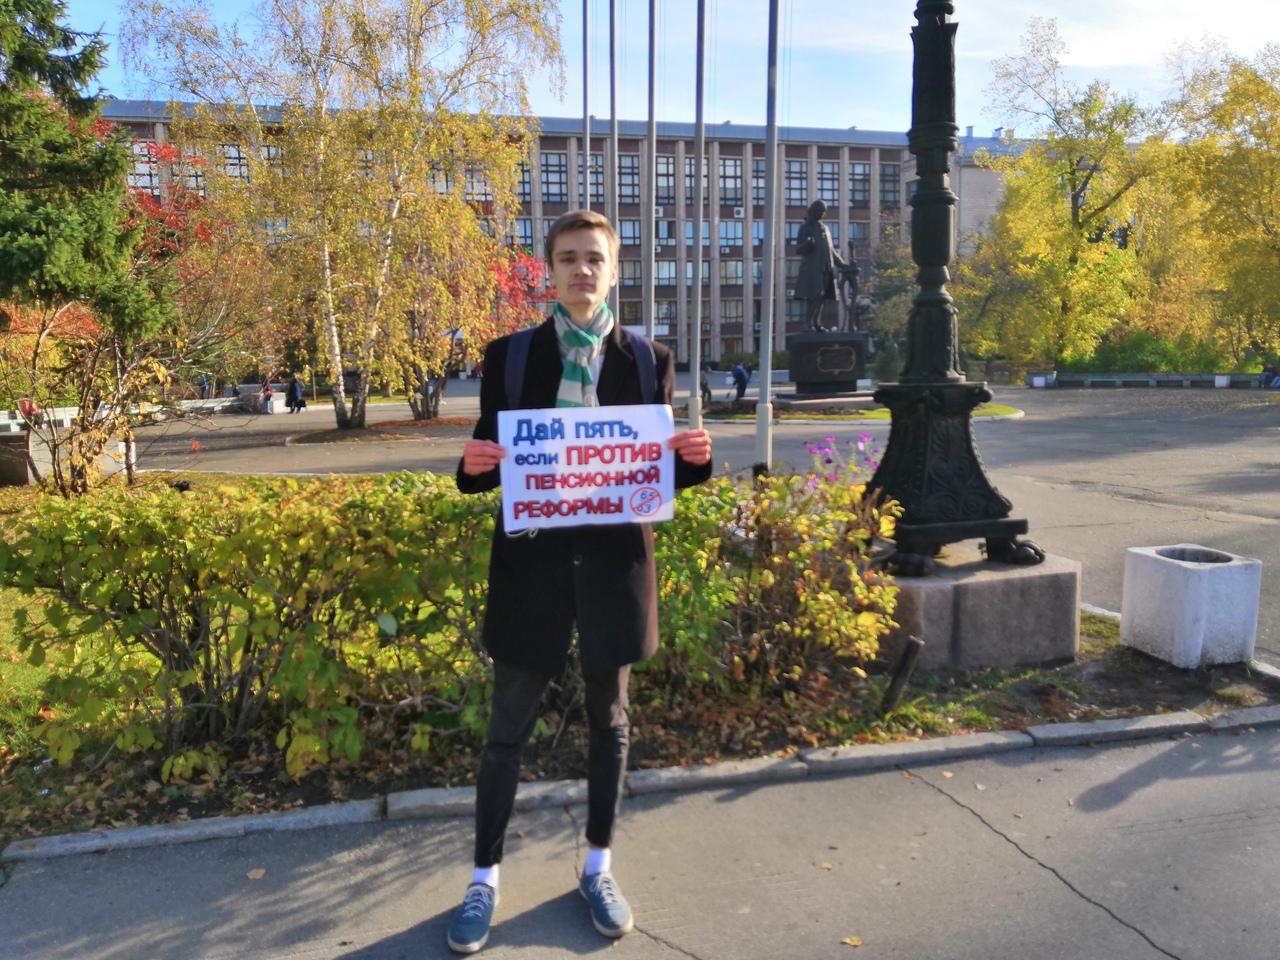 Студенты вставали неподалеку от вузов Барнаула